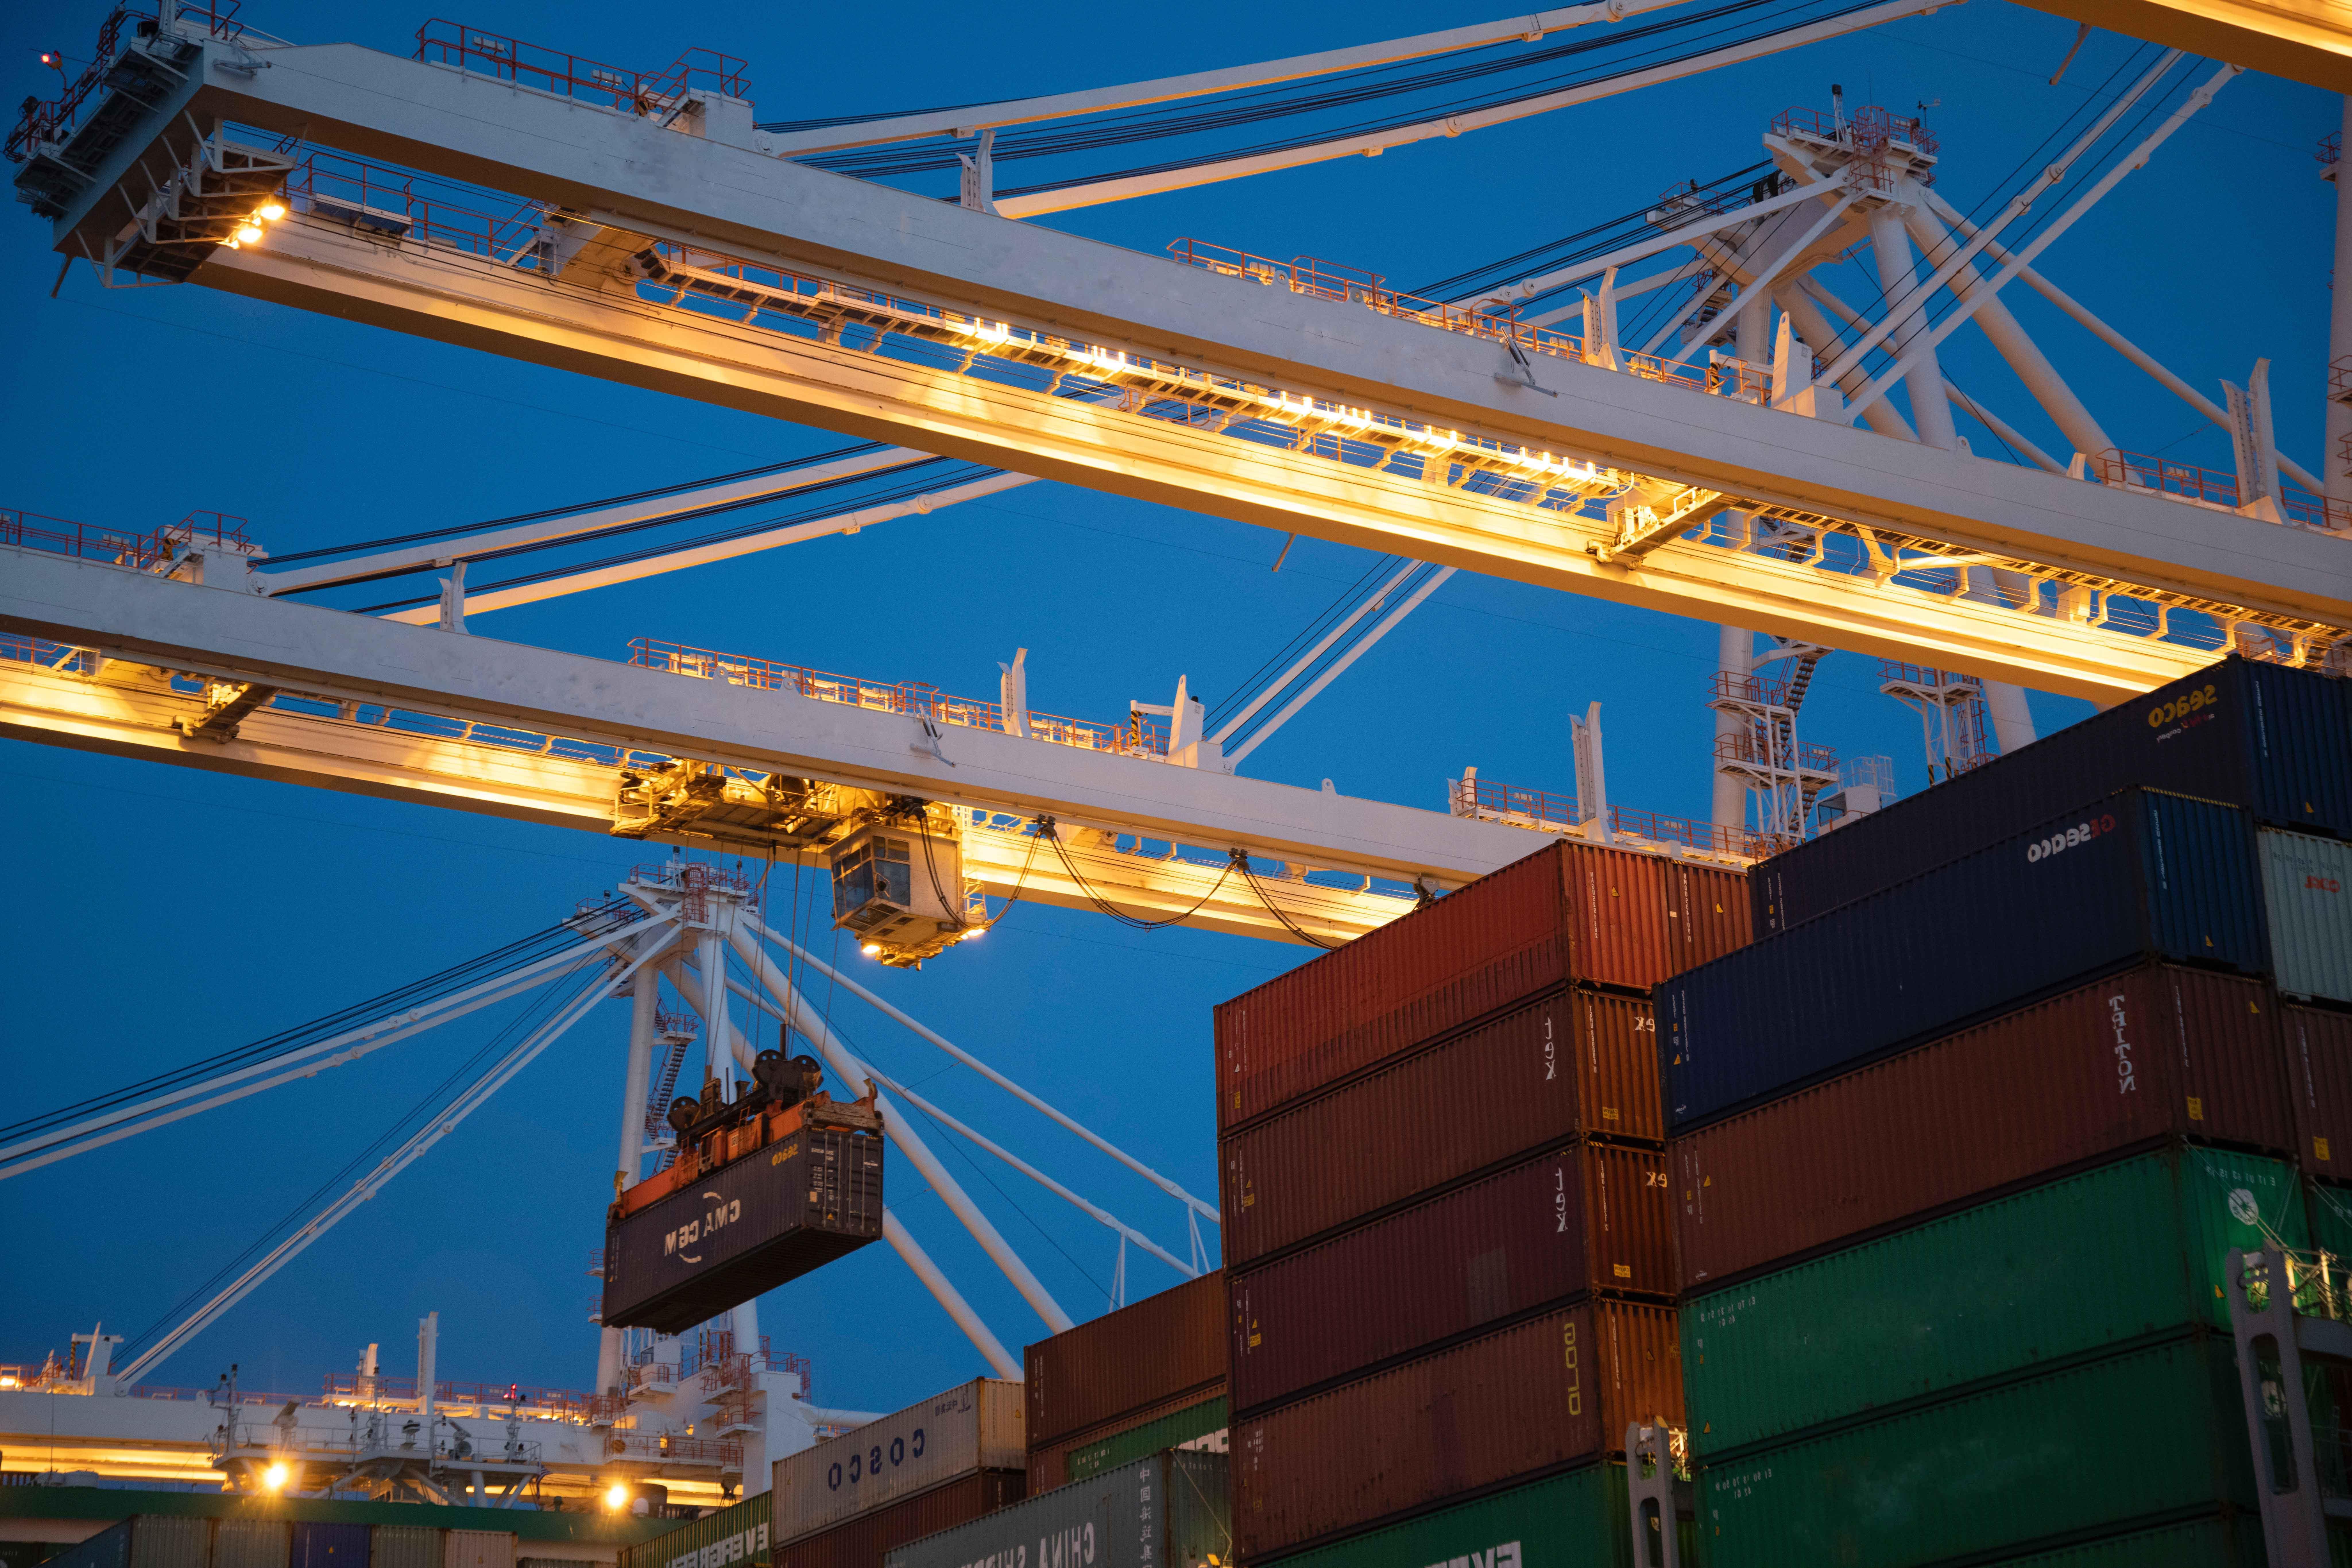 cargo-cargo-container-cargo-ship-1117211